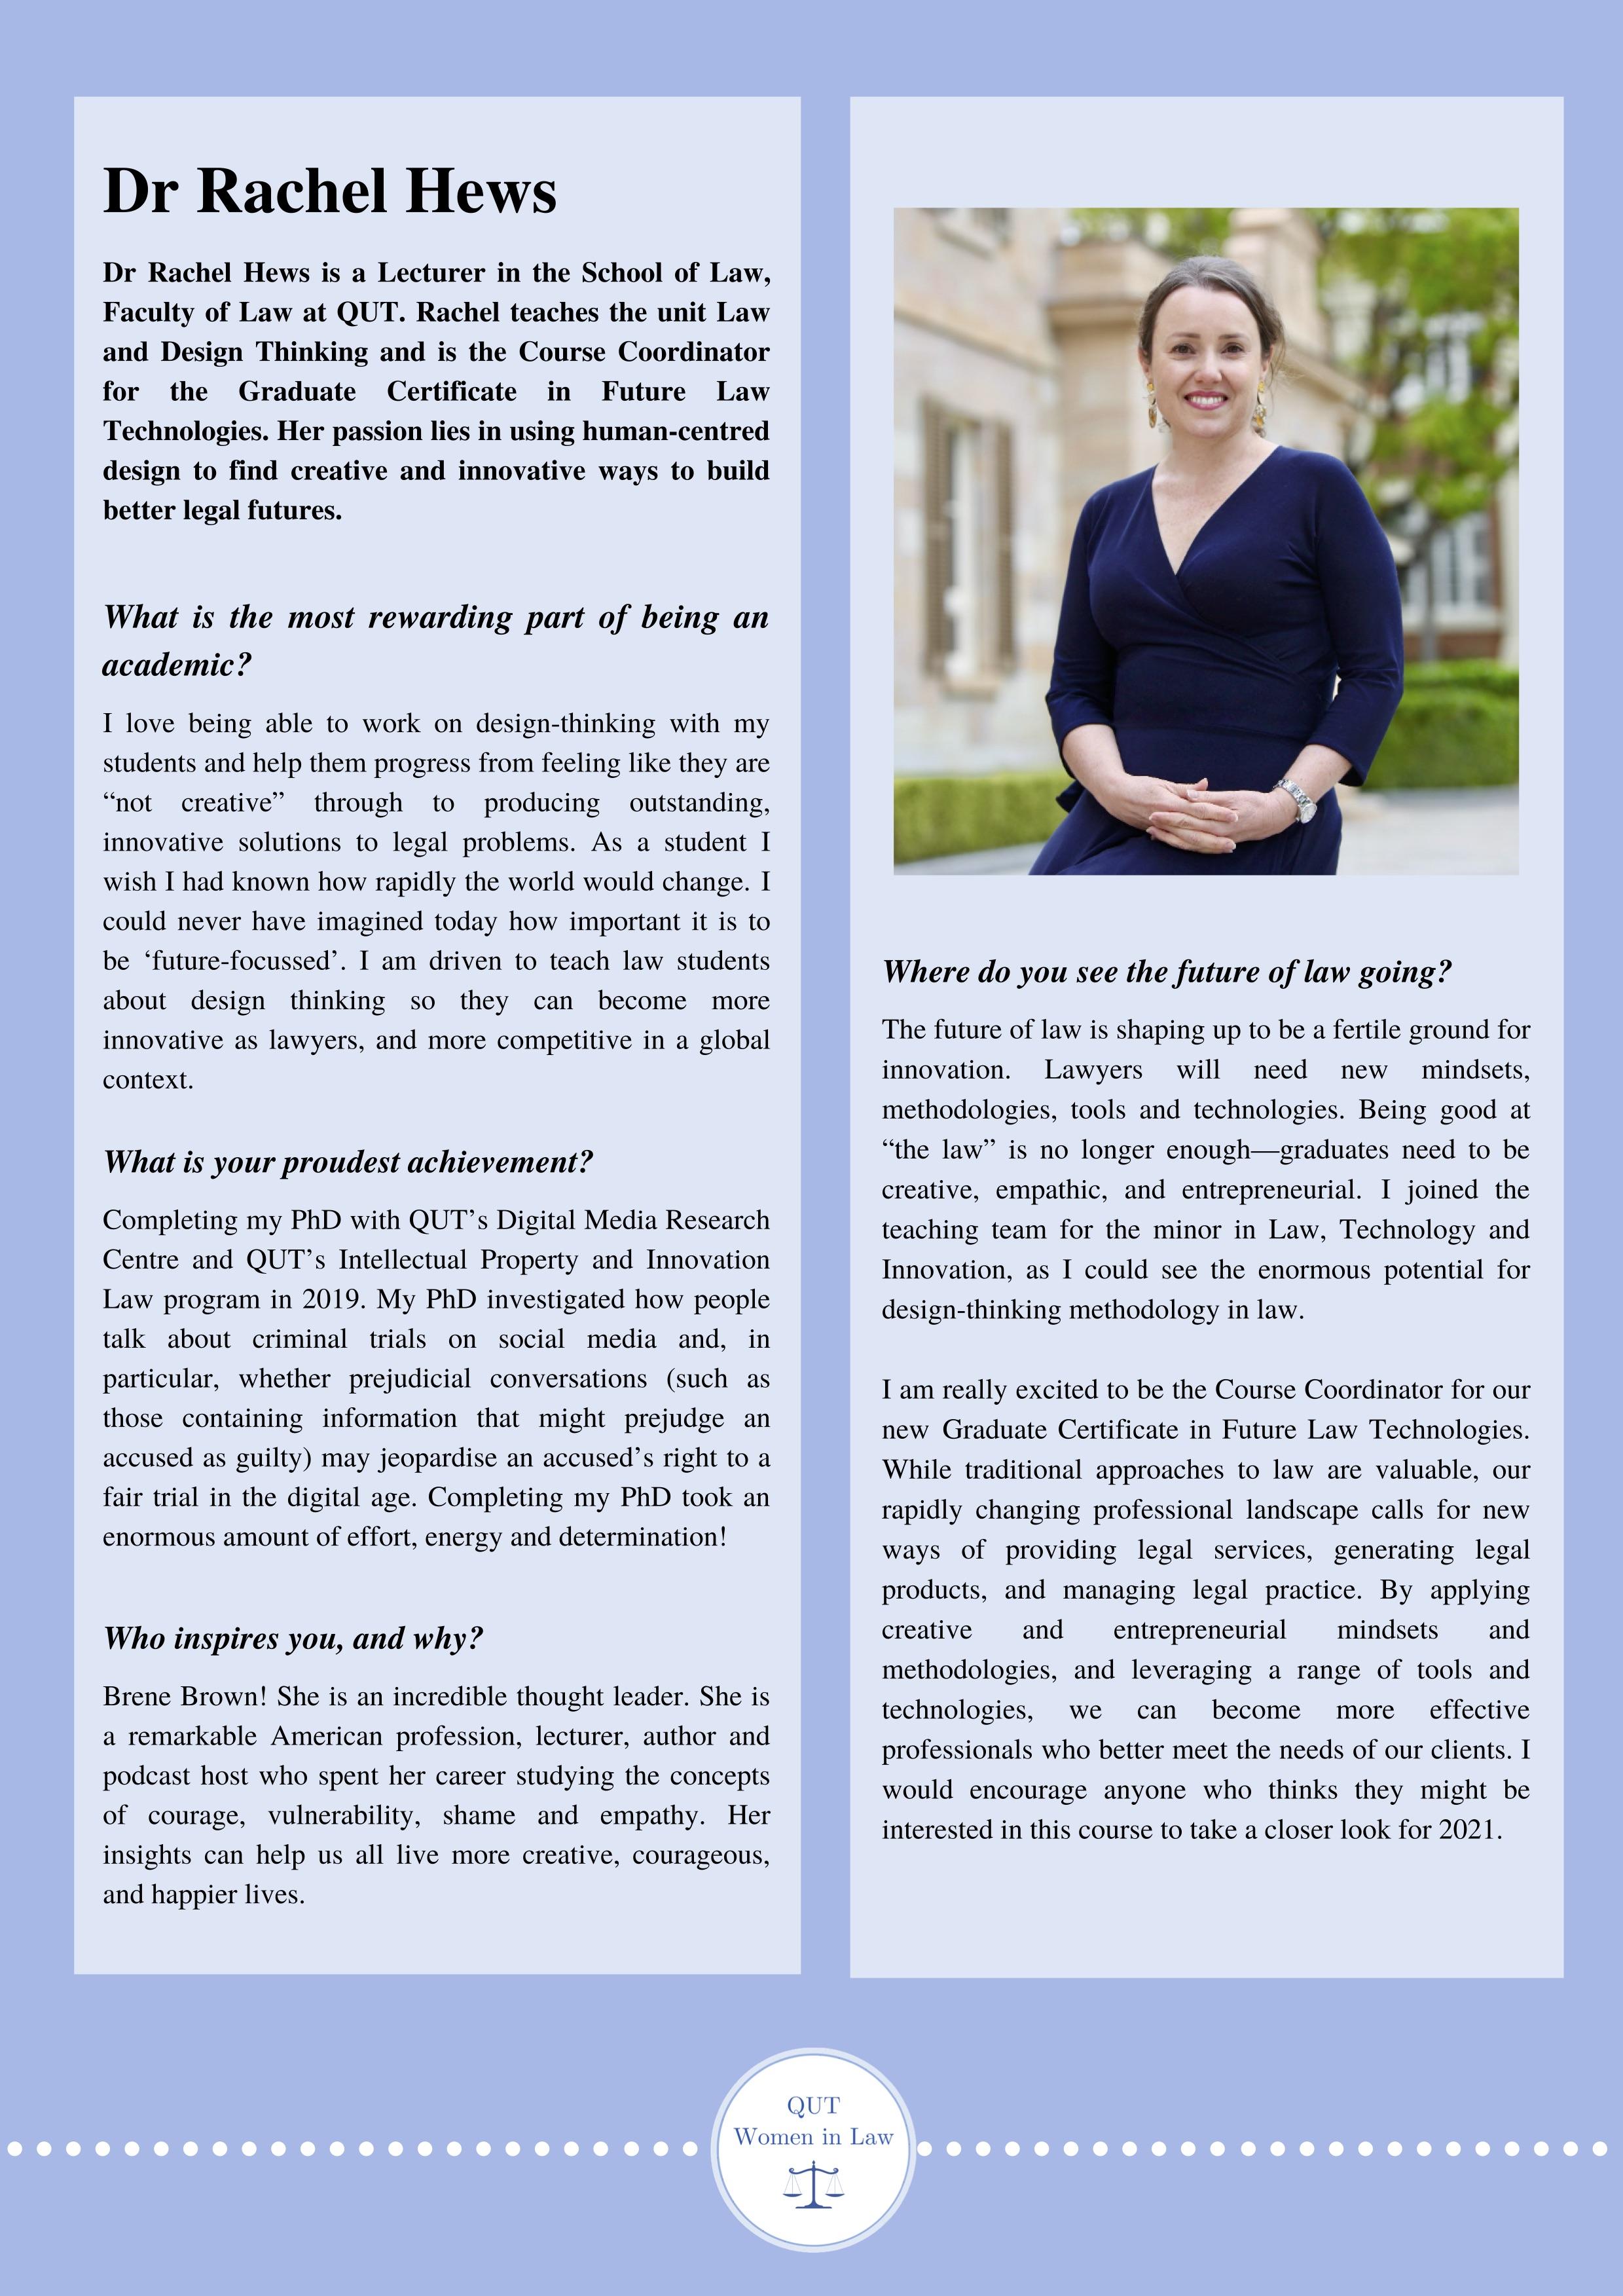 Dr Rachel Hews